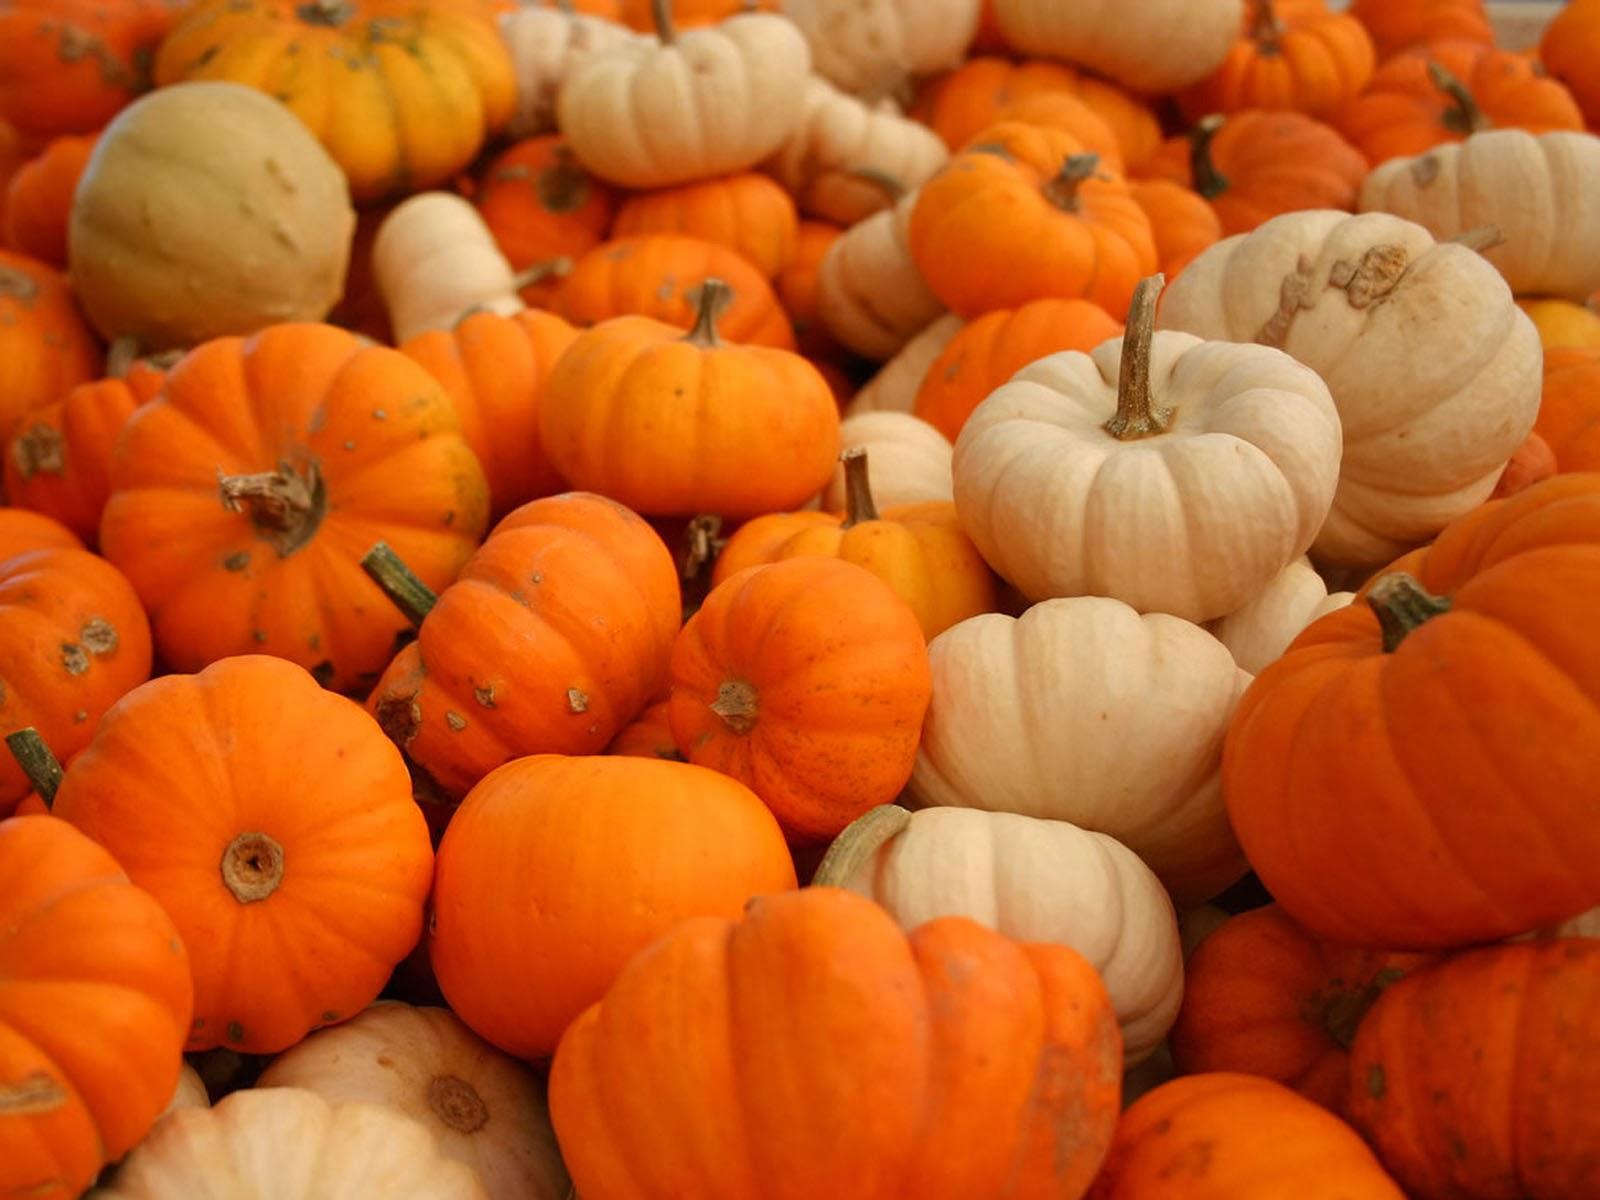 Wallpapers pumpkin wallpapers - Pumpkin wallpaper fall ...